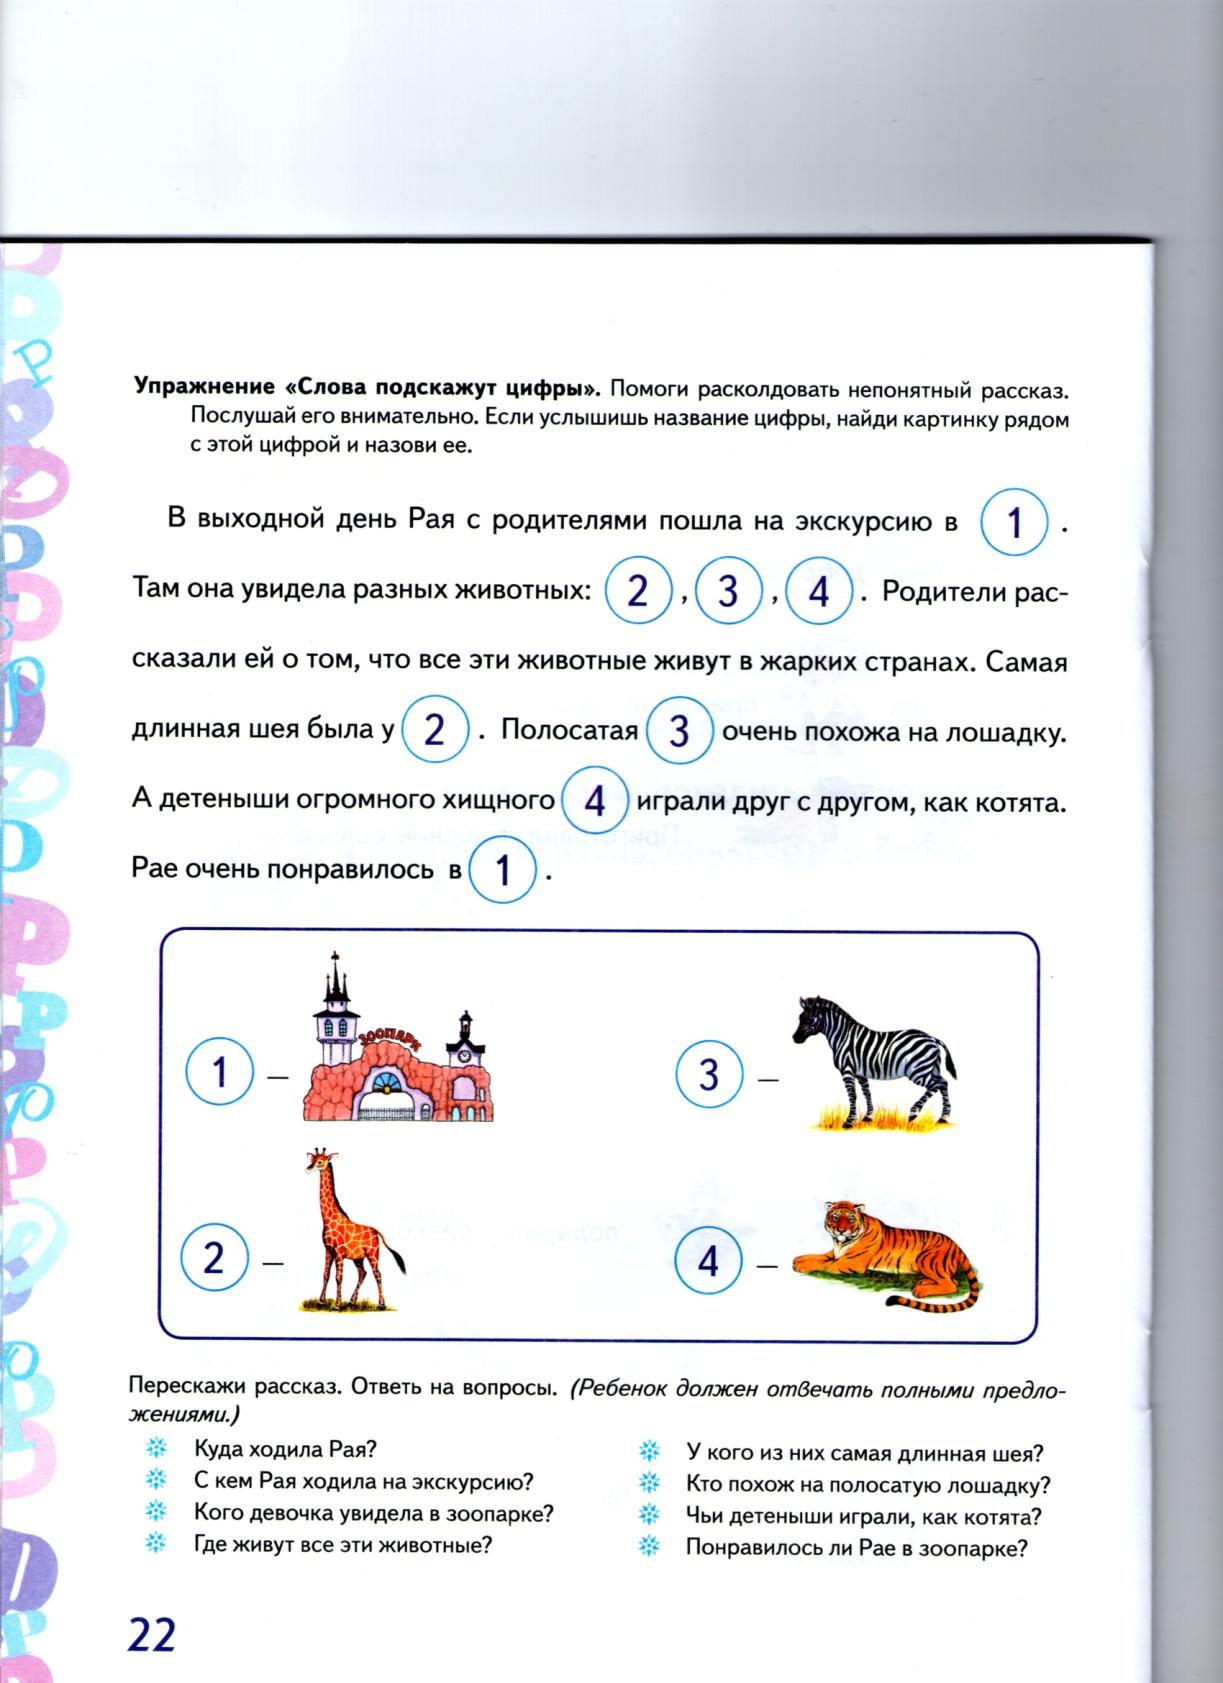 C:\Users\Камкамики\Documents\img018.jpg